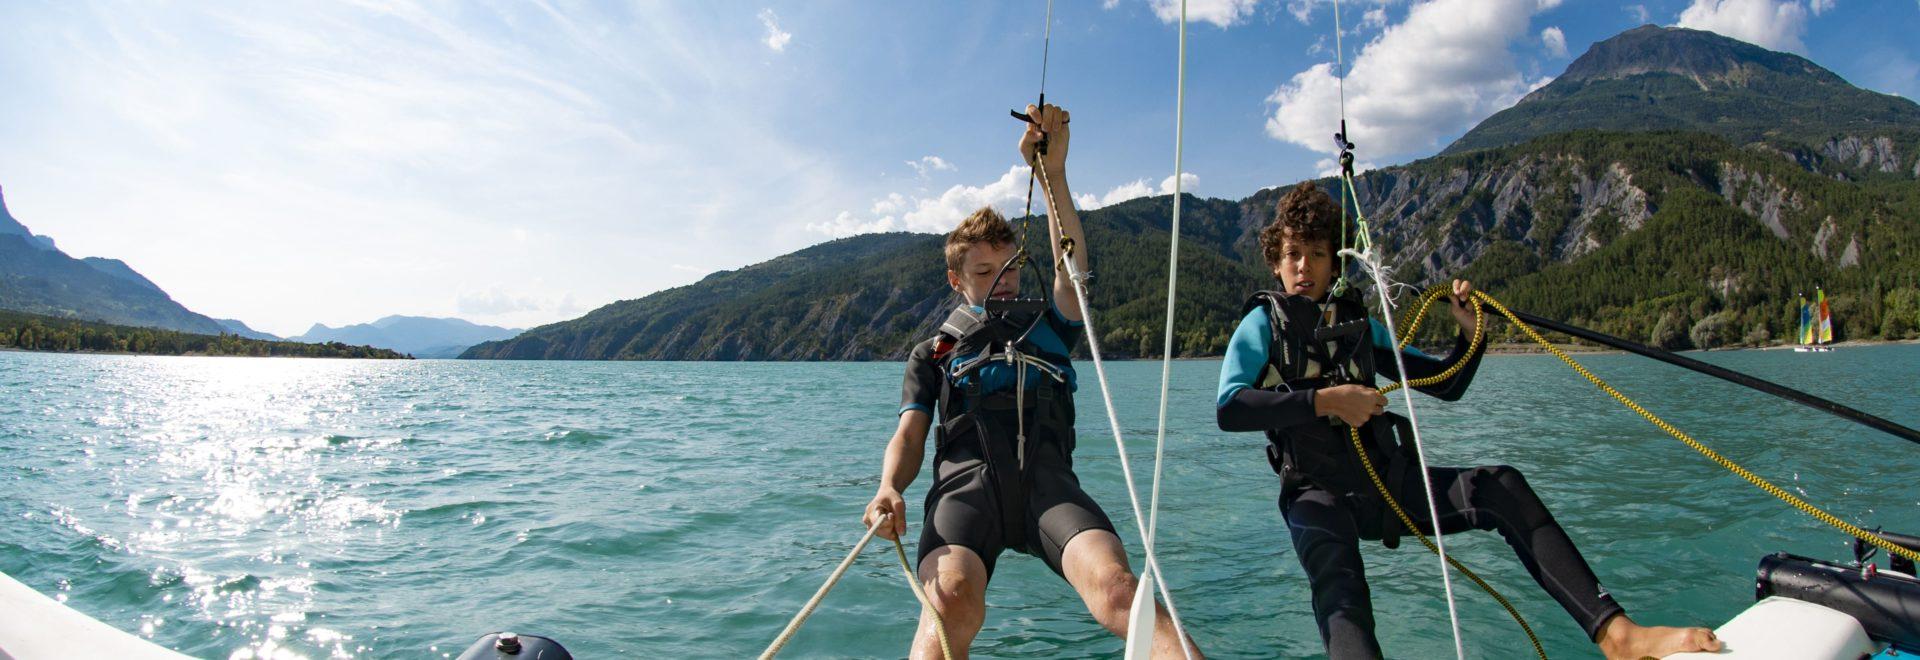 Sport de glisse, La voile sur lac de Serre-Ponçon